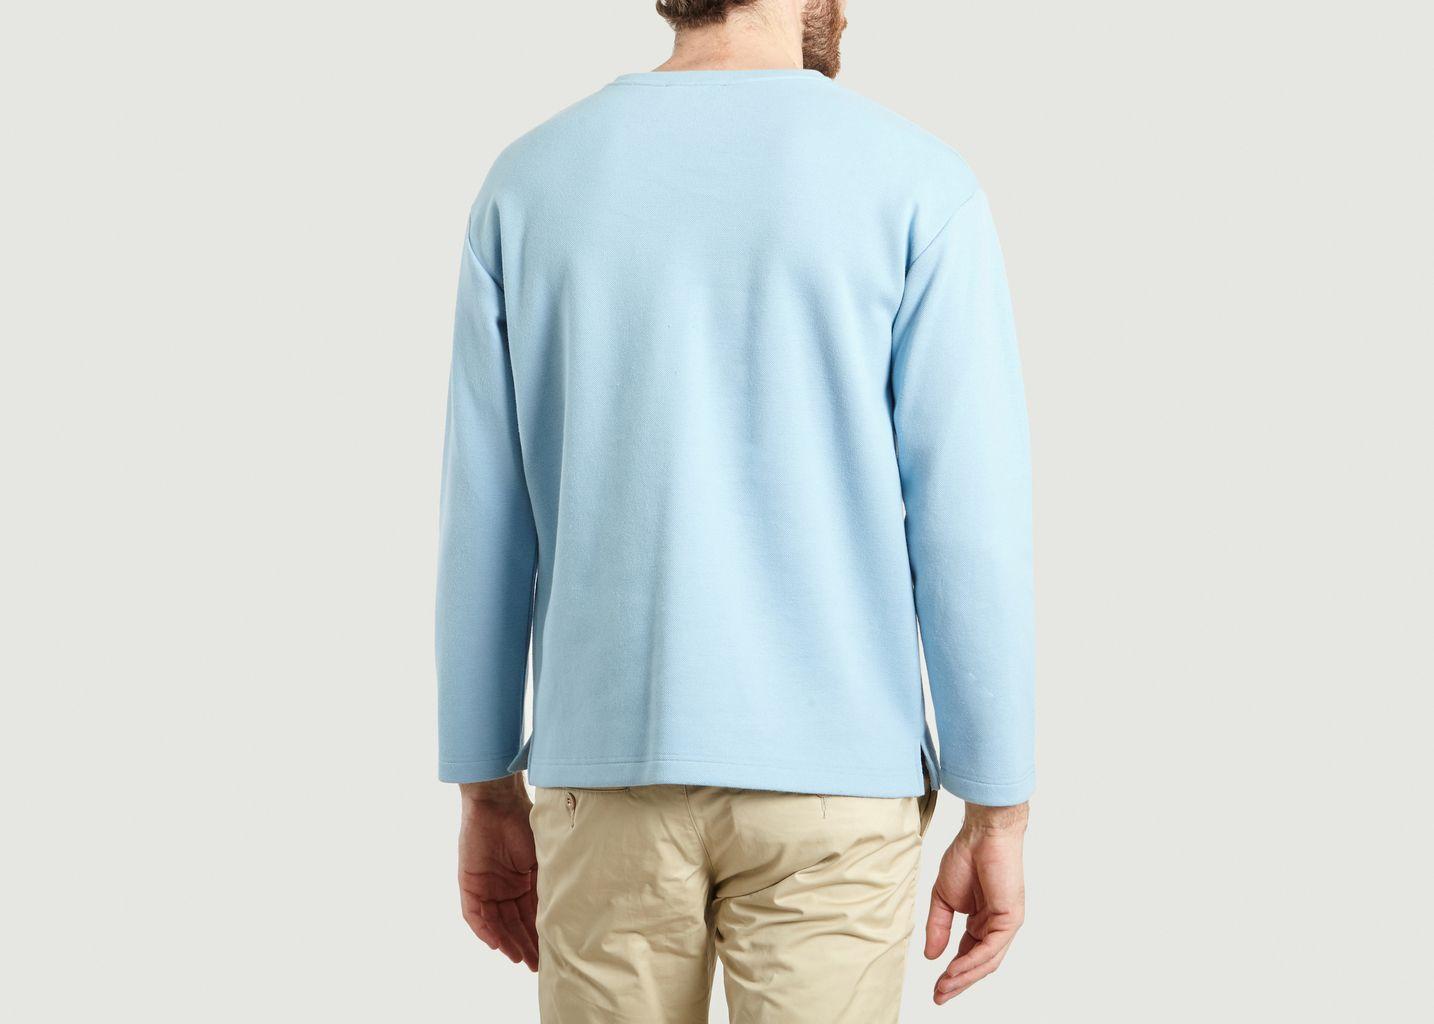 À Sweat L'exception Piqué Coton Soldes Azur La Panoplie 50 Yq4aZ8w